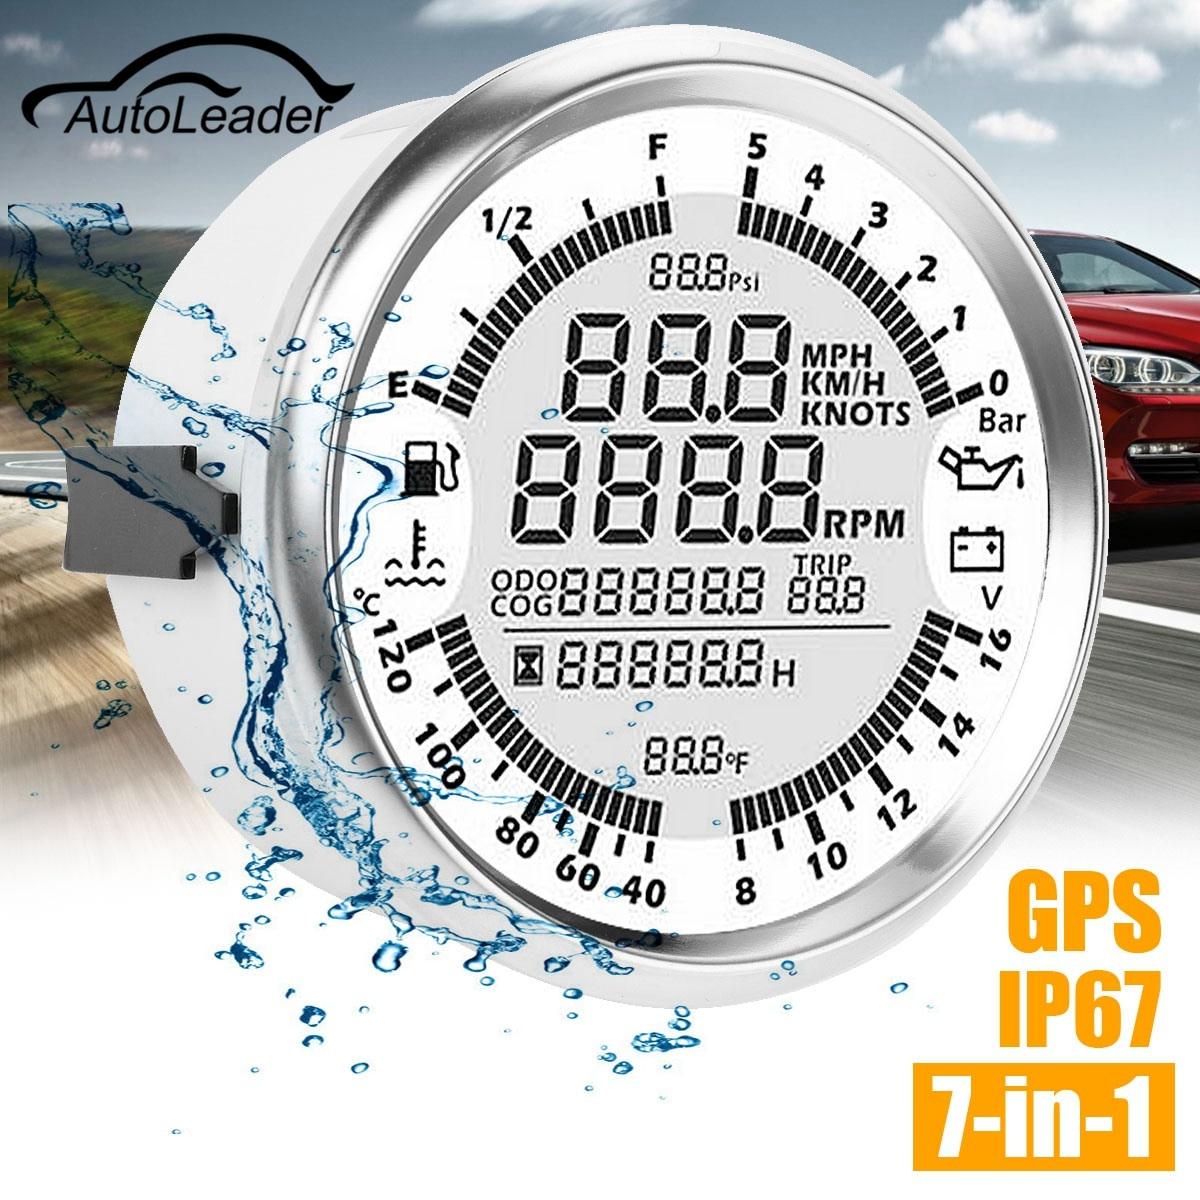 Autoleader 85mm GPS Compteur De Vitesse D'huile Manomètre Jauge De Carburant Tachymètre Vitesse Bateau Voiture BRICOLAGE